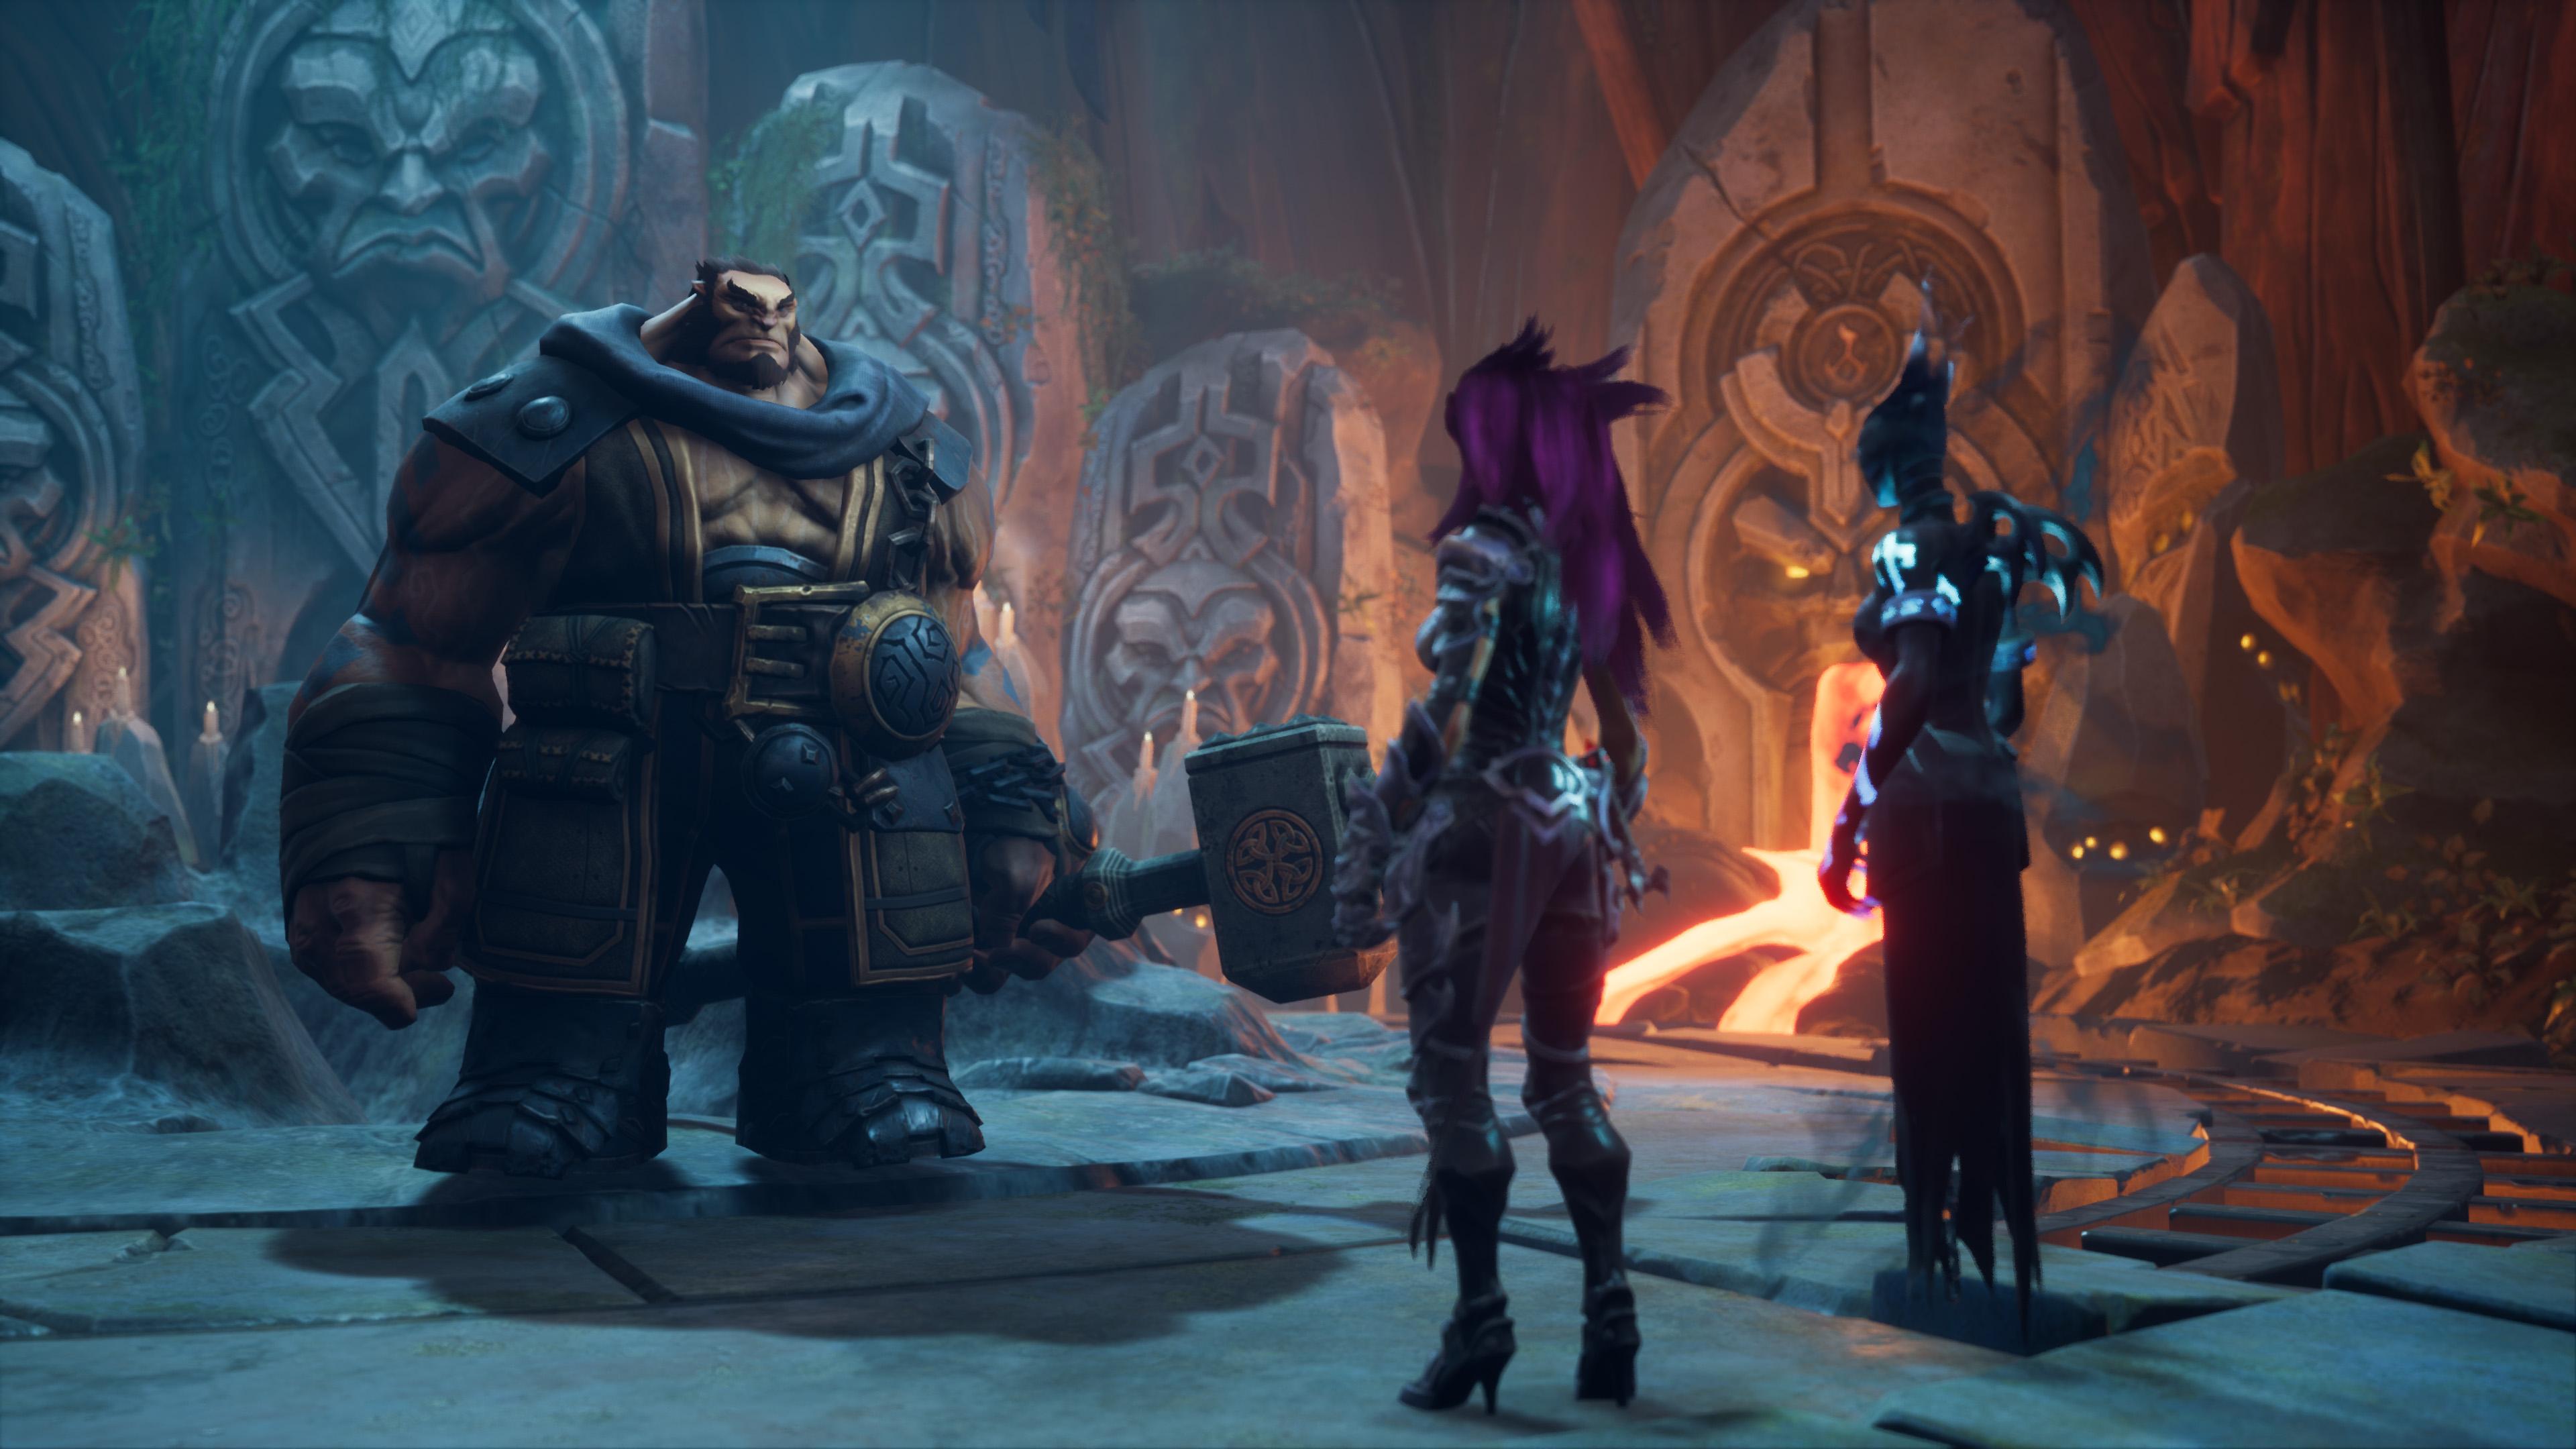 Very Quick Tips for Darksiders III screenshot